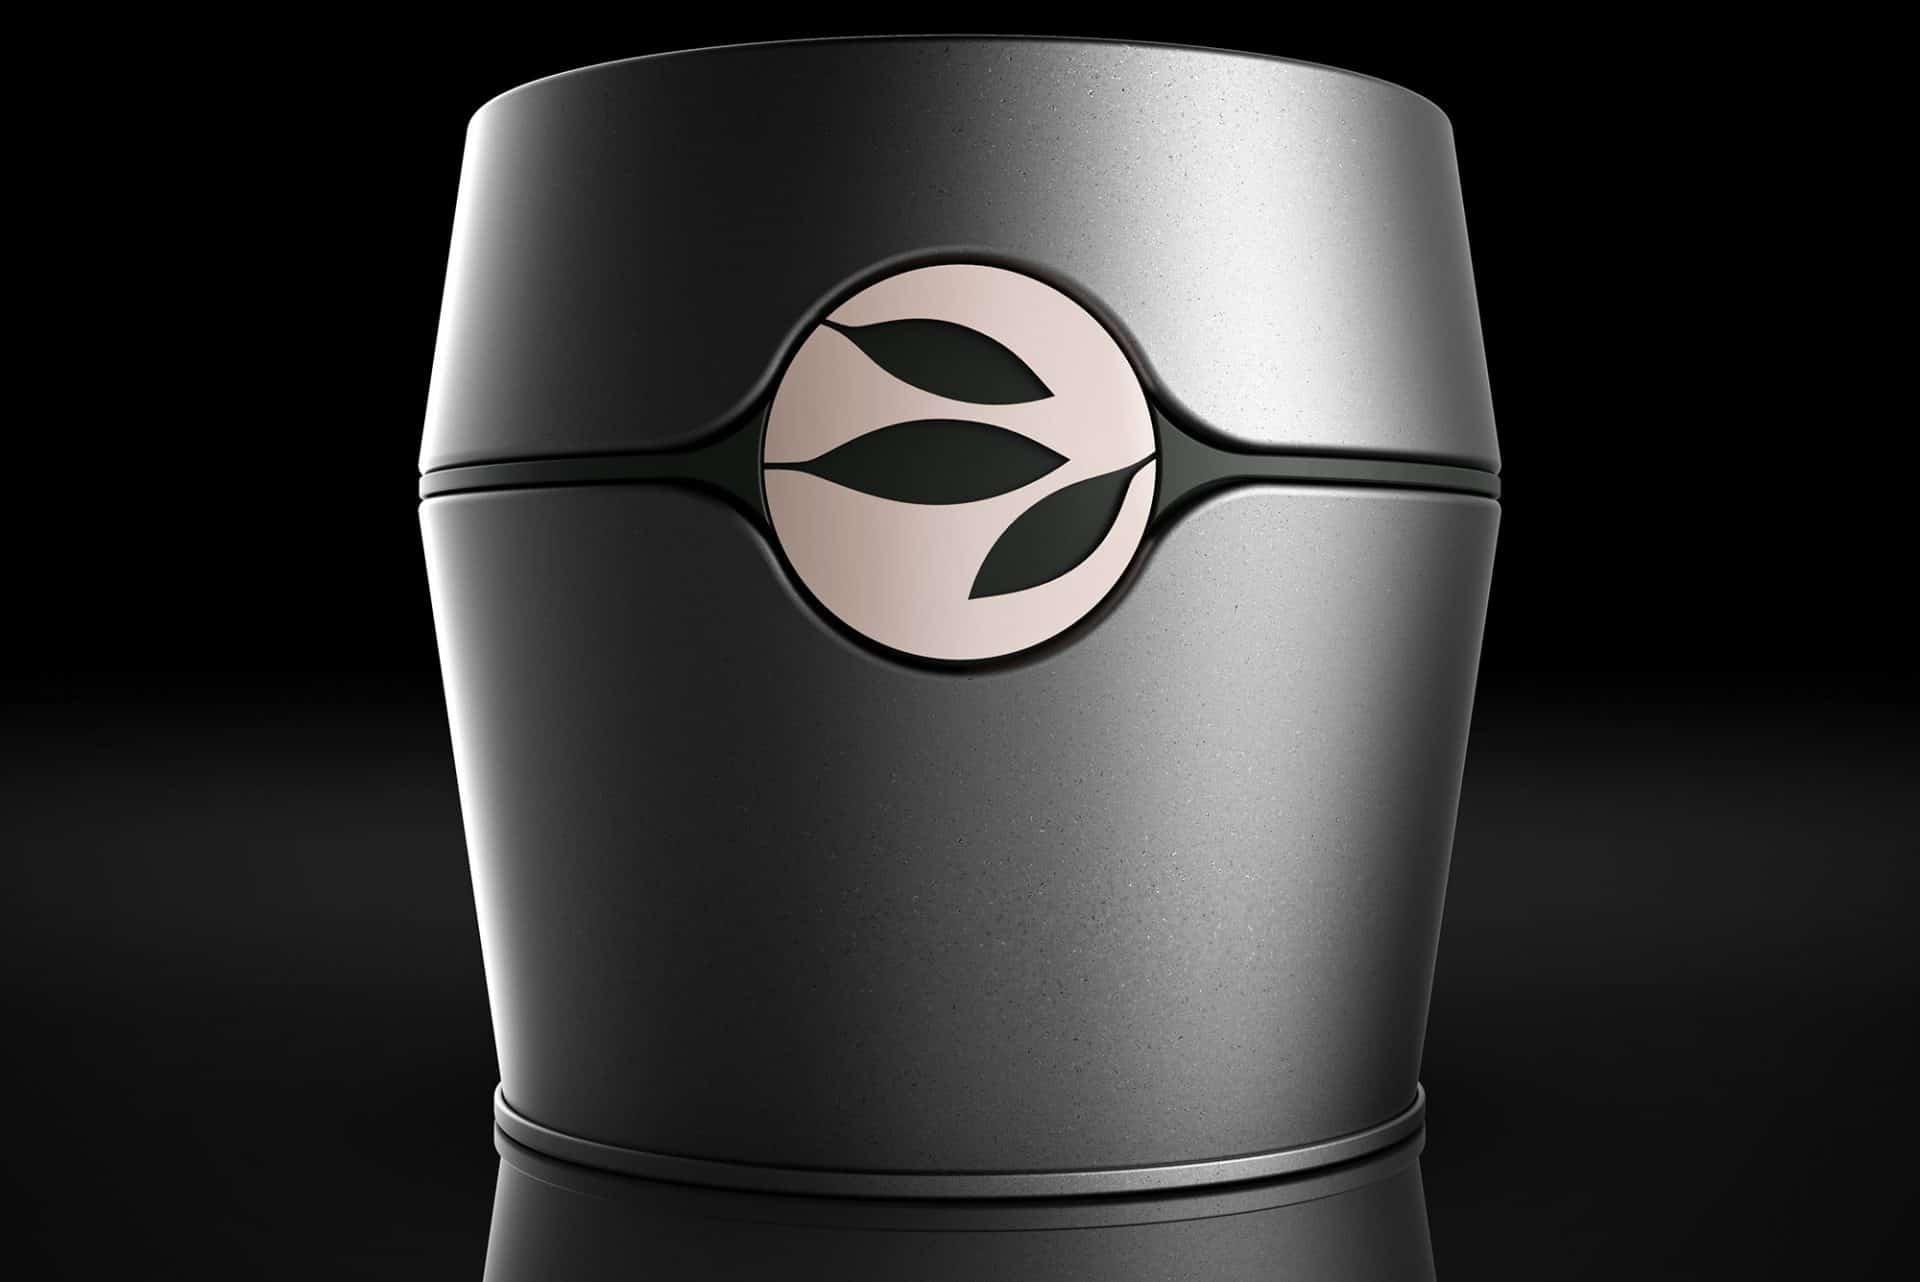 alveus premium-teas Brand Caddy Teedose für 100 Gramm losen Tee mit Aroma-Schutz und Logo Relief als markantes Element gunmetal mit schwarzen Akzenten für alveus Tea-Stores weltweit designed und als Serienprodukt entwickelt von Lange Architekten